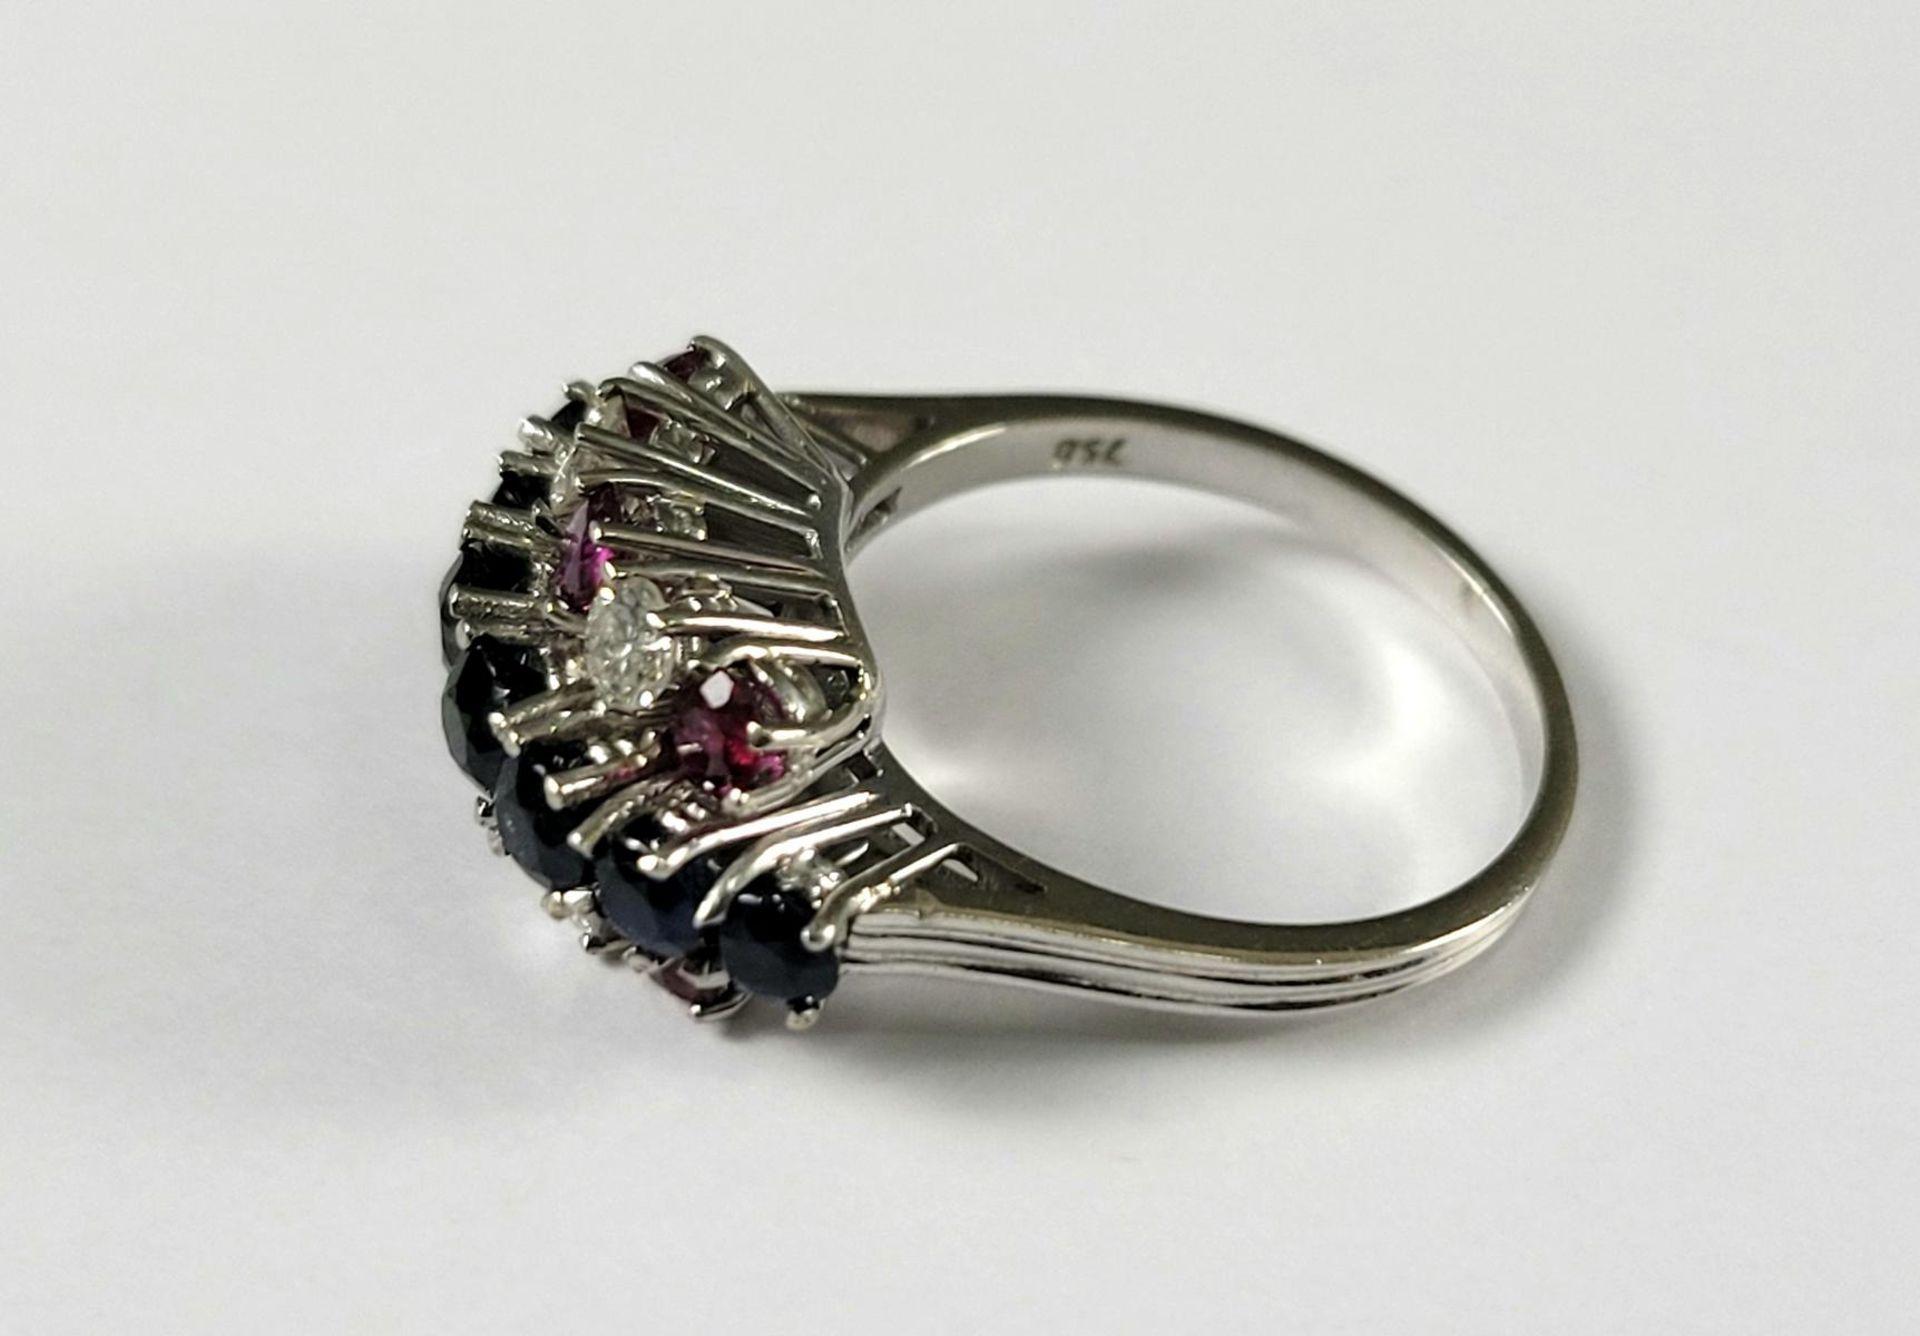 Damenring mit Saphiren, Diamanten und Rubinen, 18 Karat Weißgold - Bild 4 aus 4